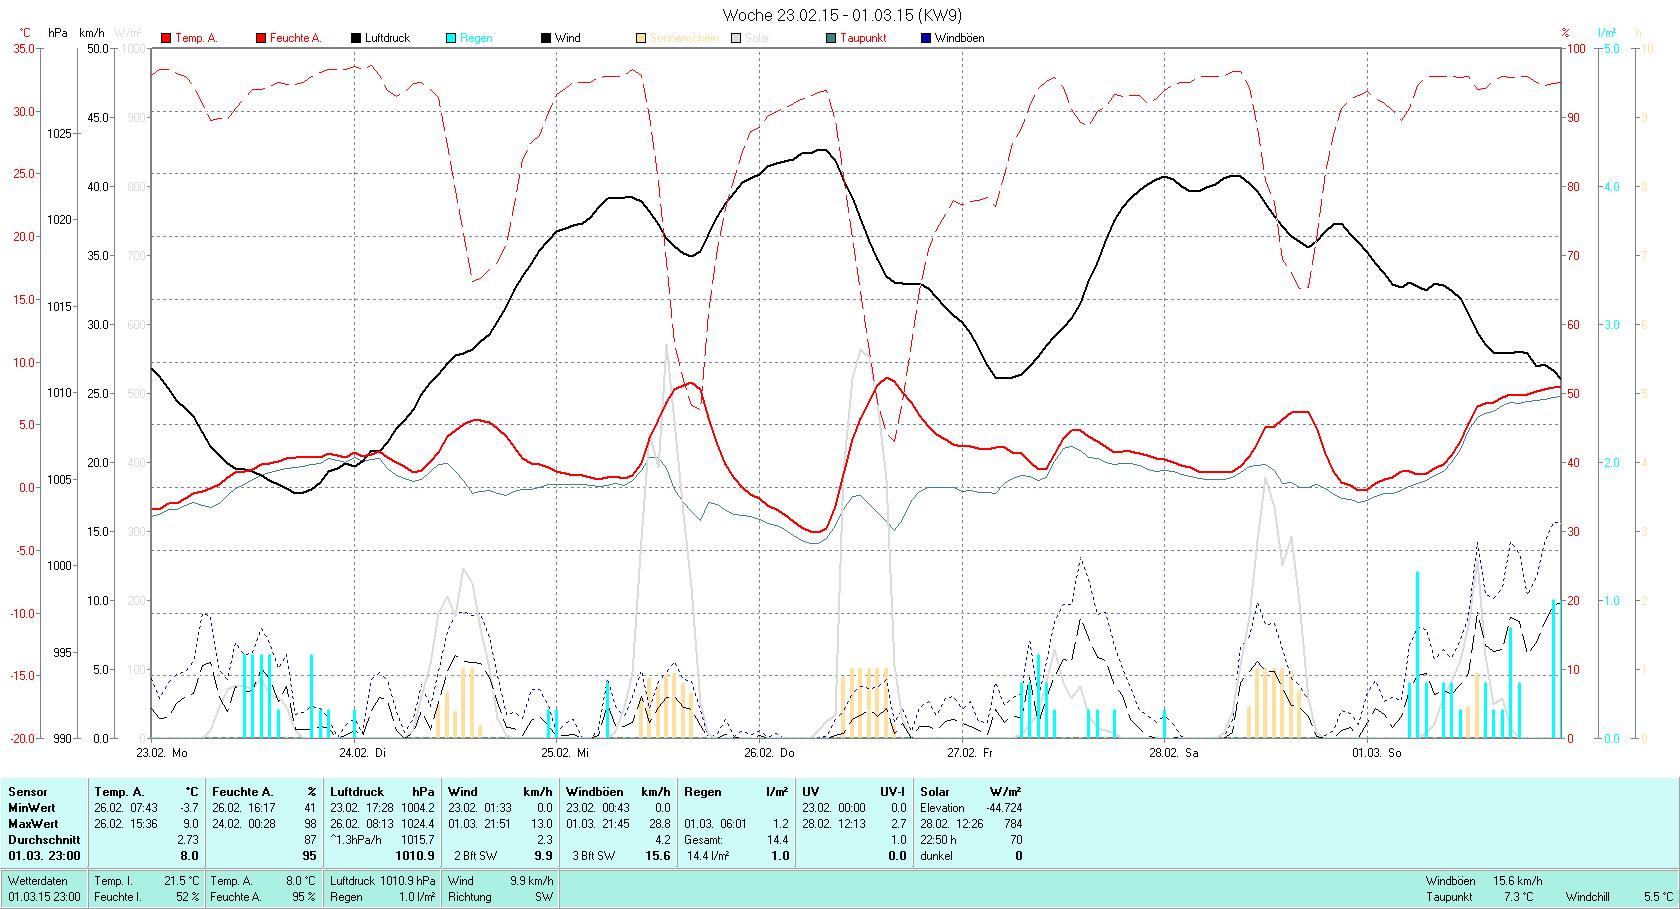 KW 09 Tmin -3.7°C, Tmax 9.0°C, Sonne 22:50h, Niederschlag 14.4mm/2